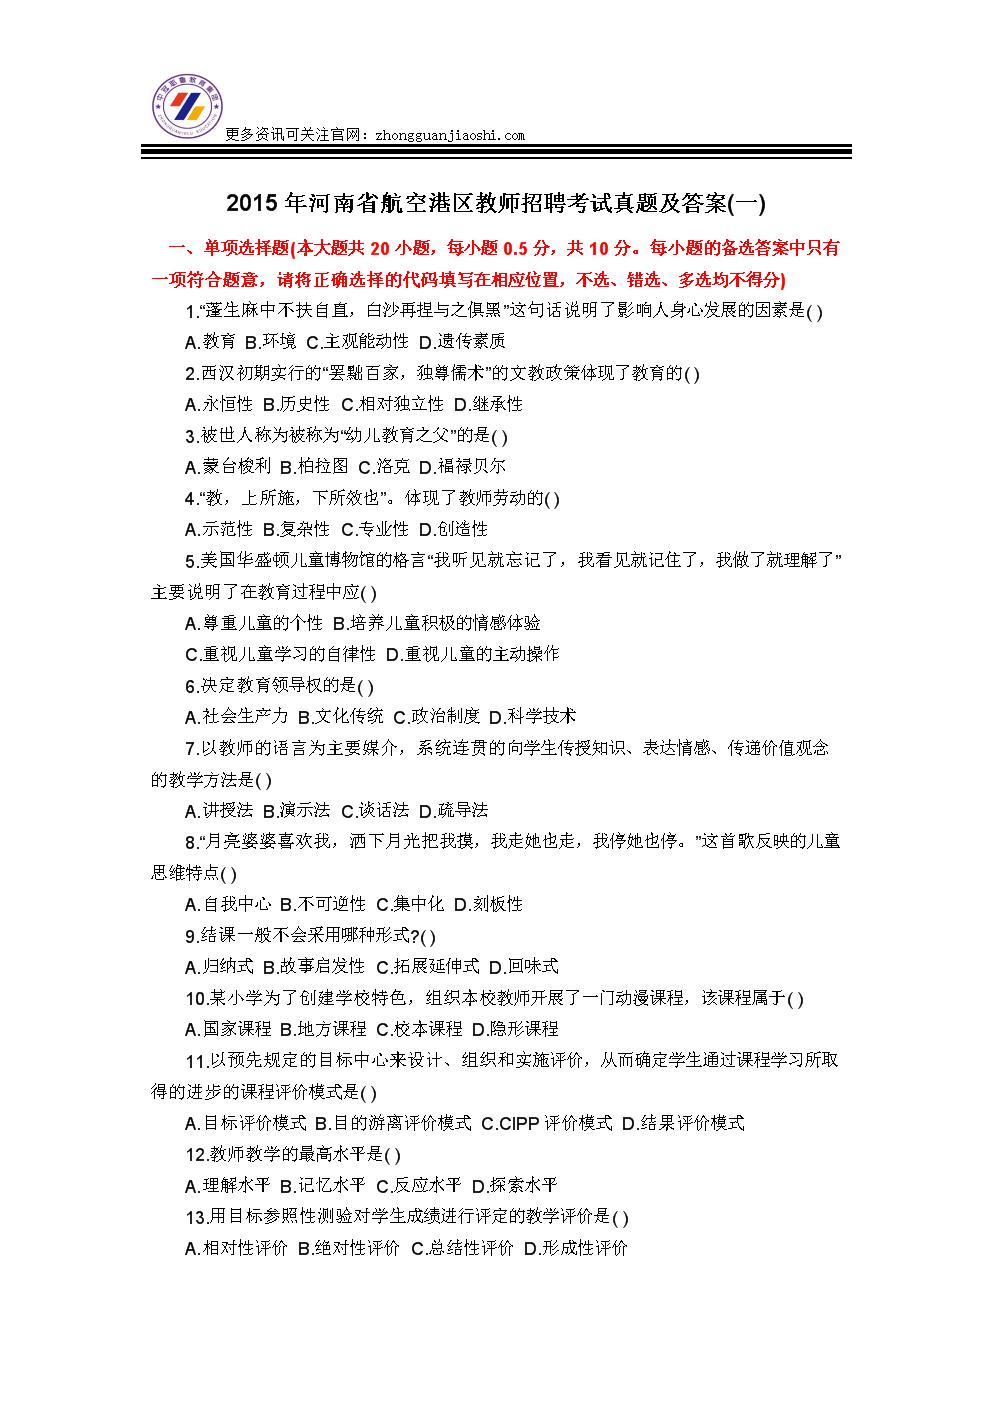 2015年河南省航空港区教师招聘考试真题及答